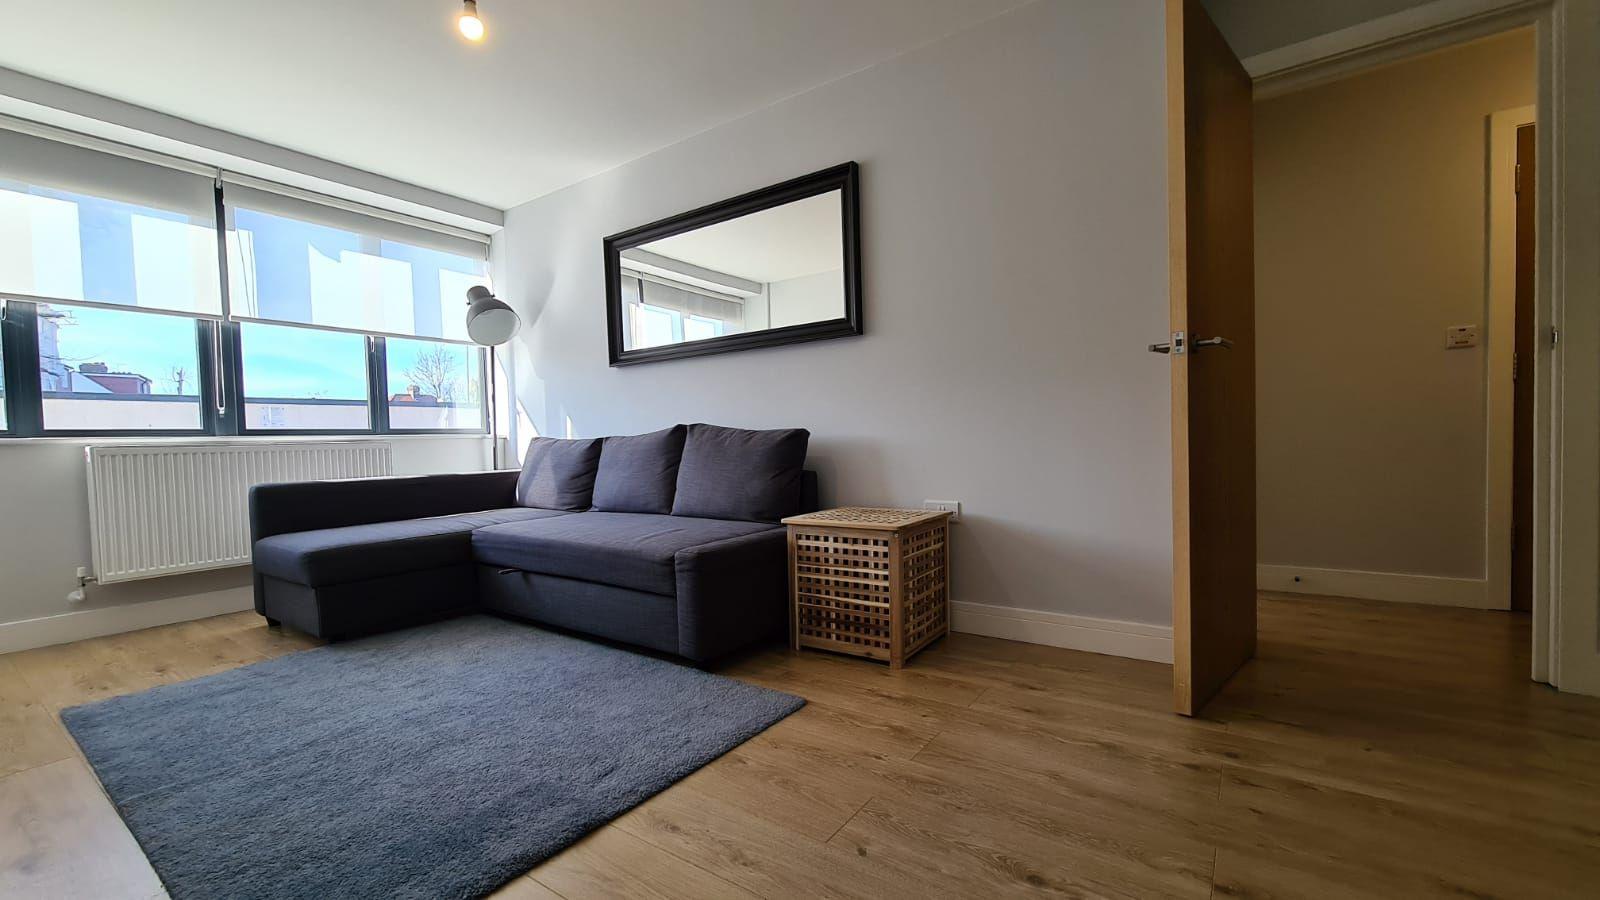 1 bedroom flat flat/apartment To Let in Kingsbury - Living Room Wood flooring